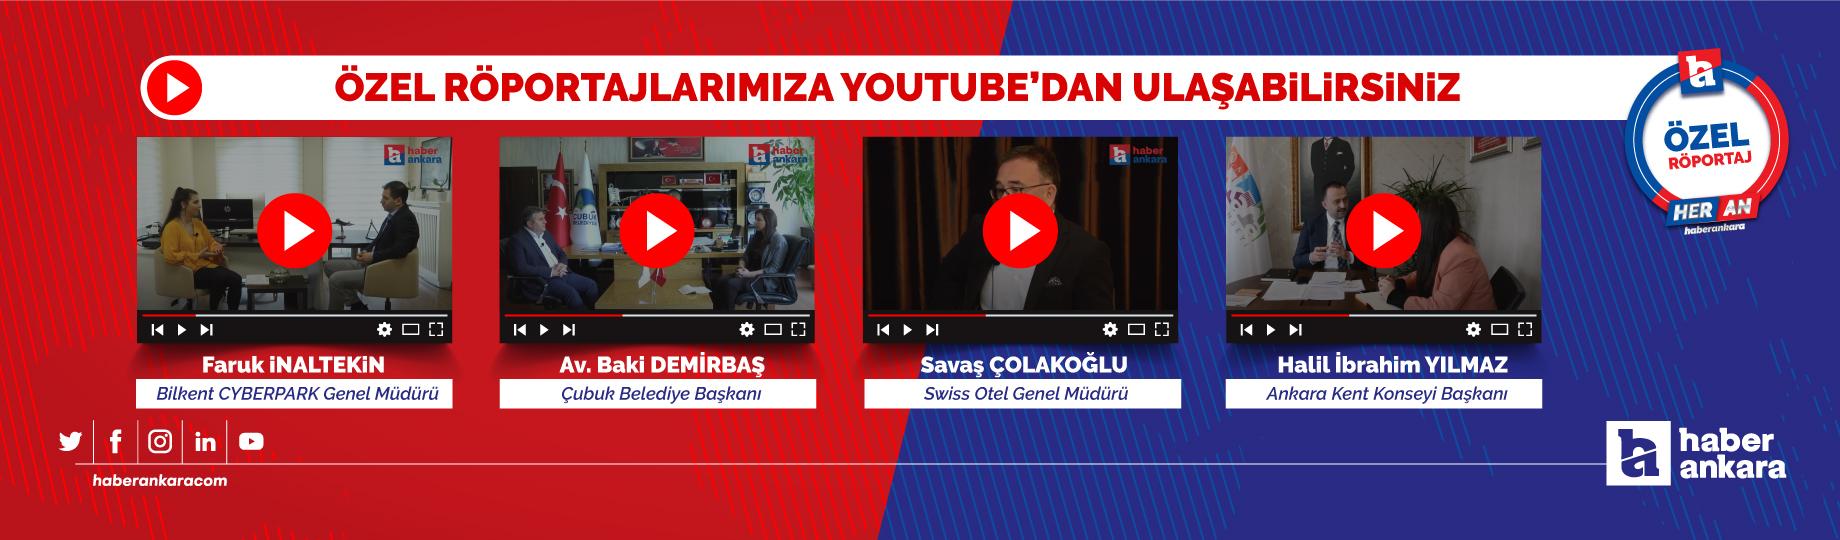 Özel röportajlarımız YouTube kanalımızda